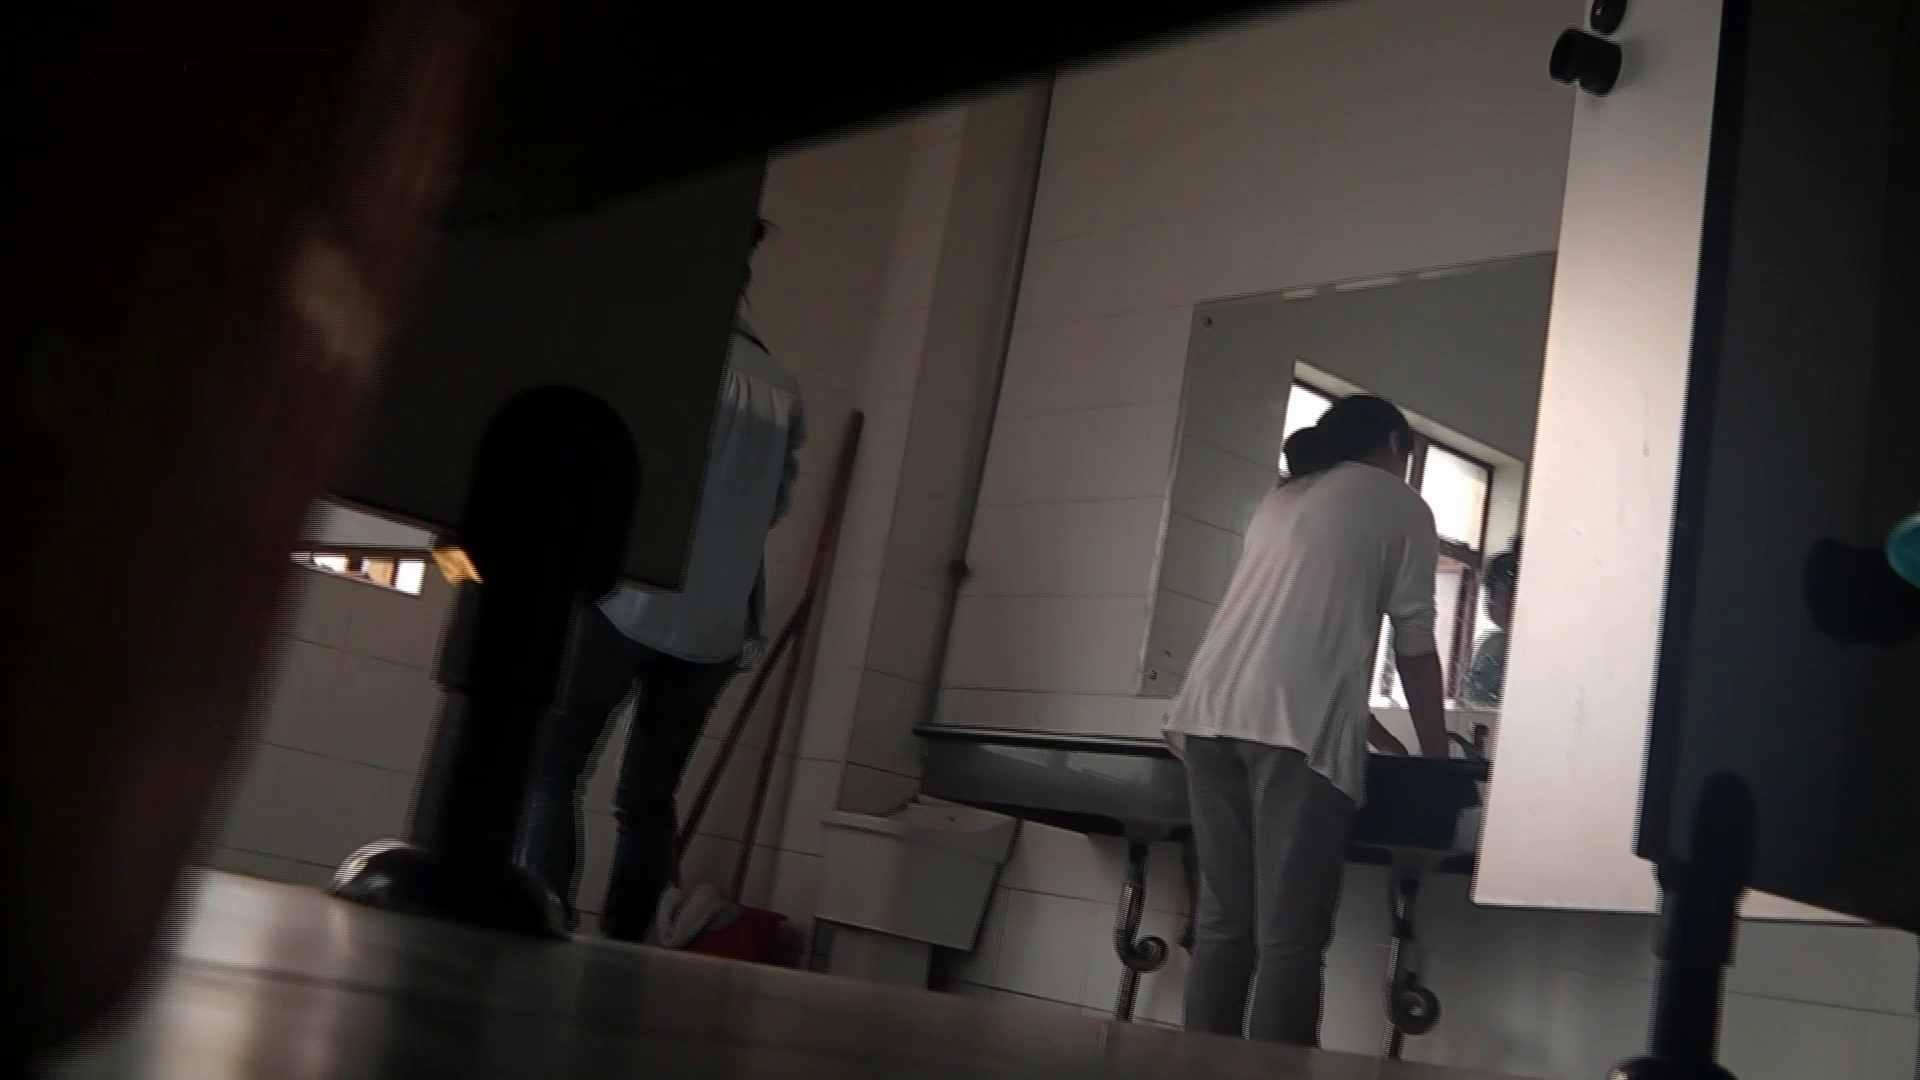 潜入!!台湾名門女学院 Vol.04 二ケツ同時撮り!! 高画質 オメコ動画キャプチャ 101枚 42